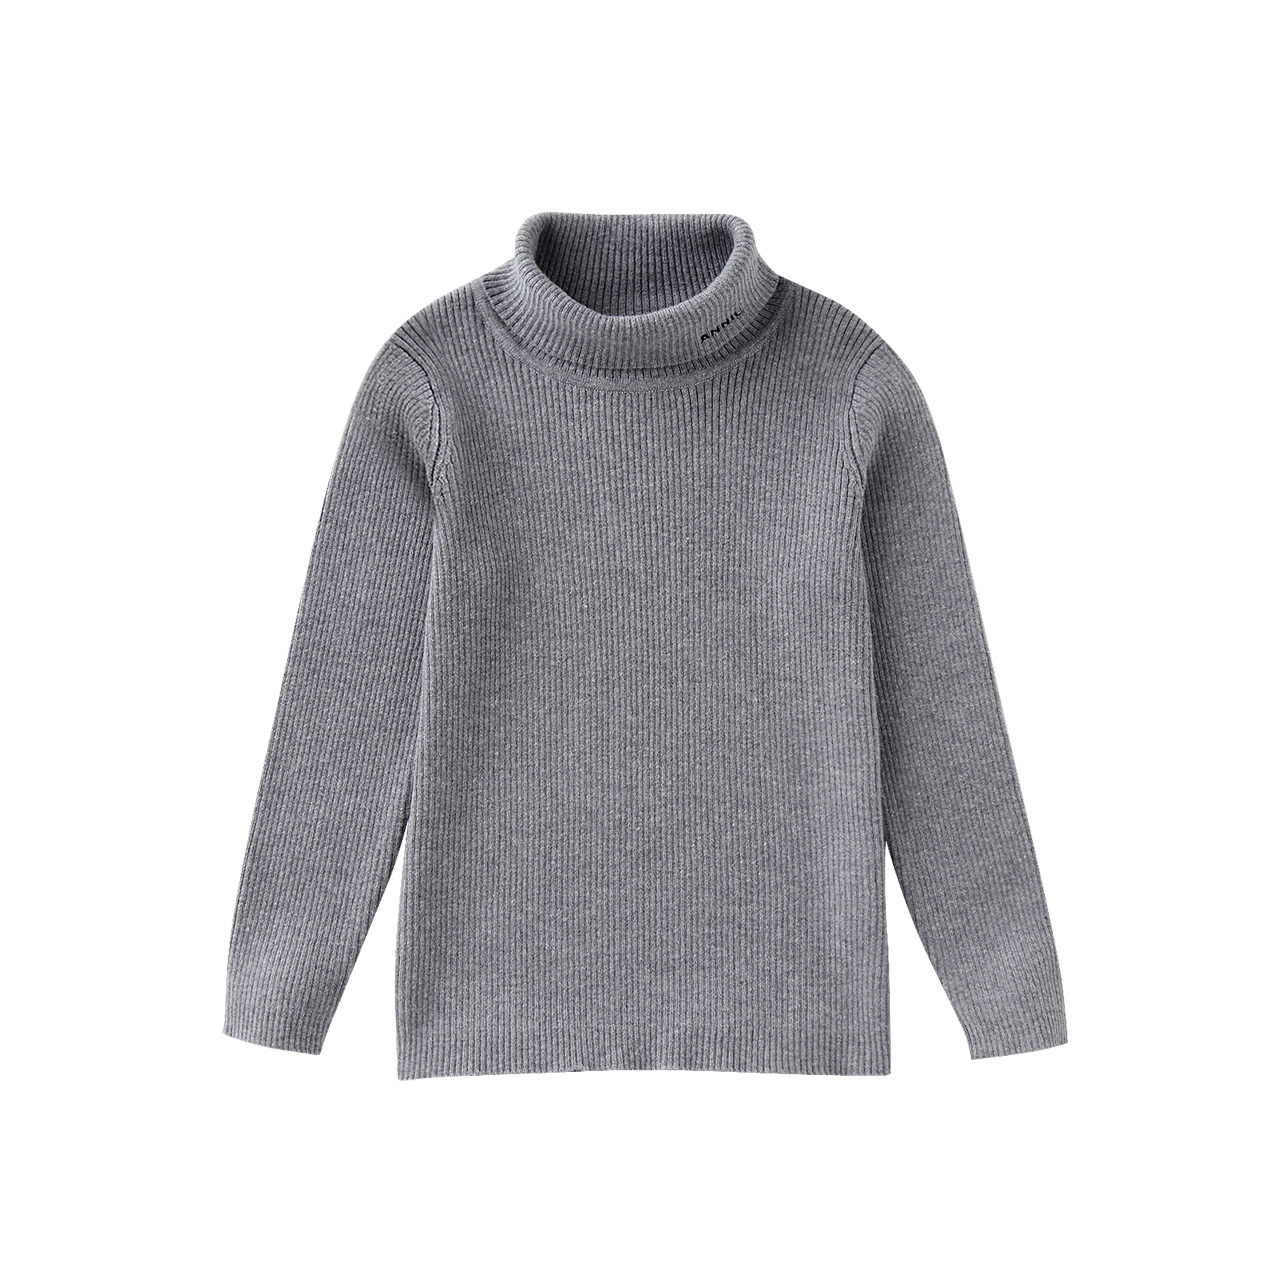 安奈儿童装女童毛衣2019新款打底衫洋气针织衫男童毛衣套头秋冬款